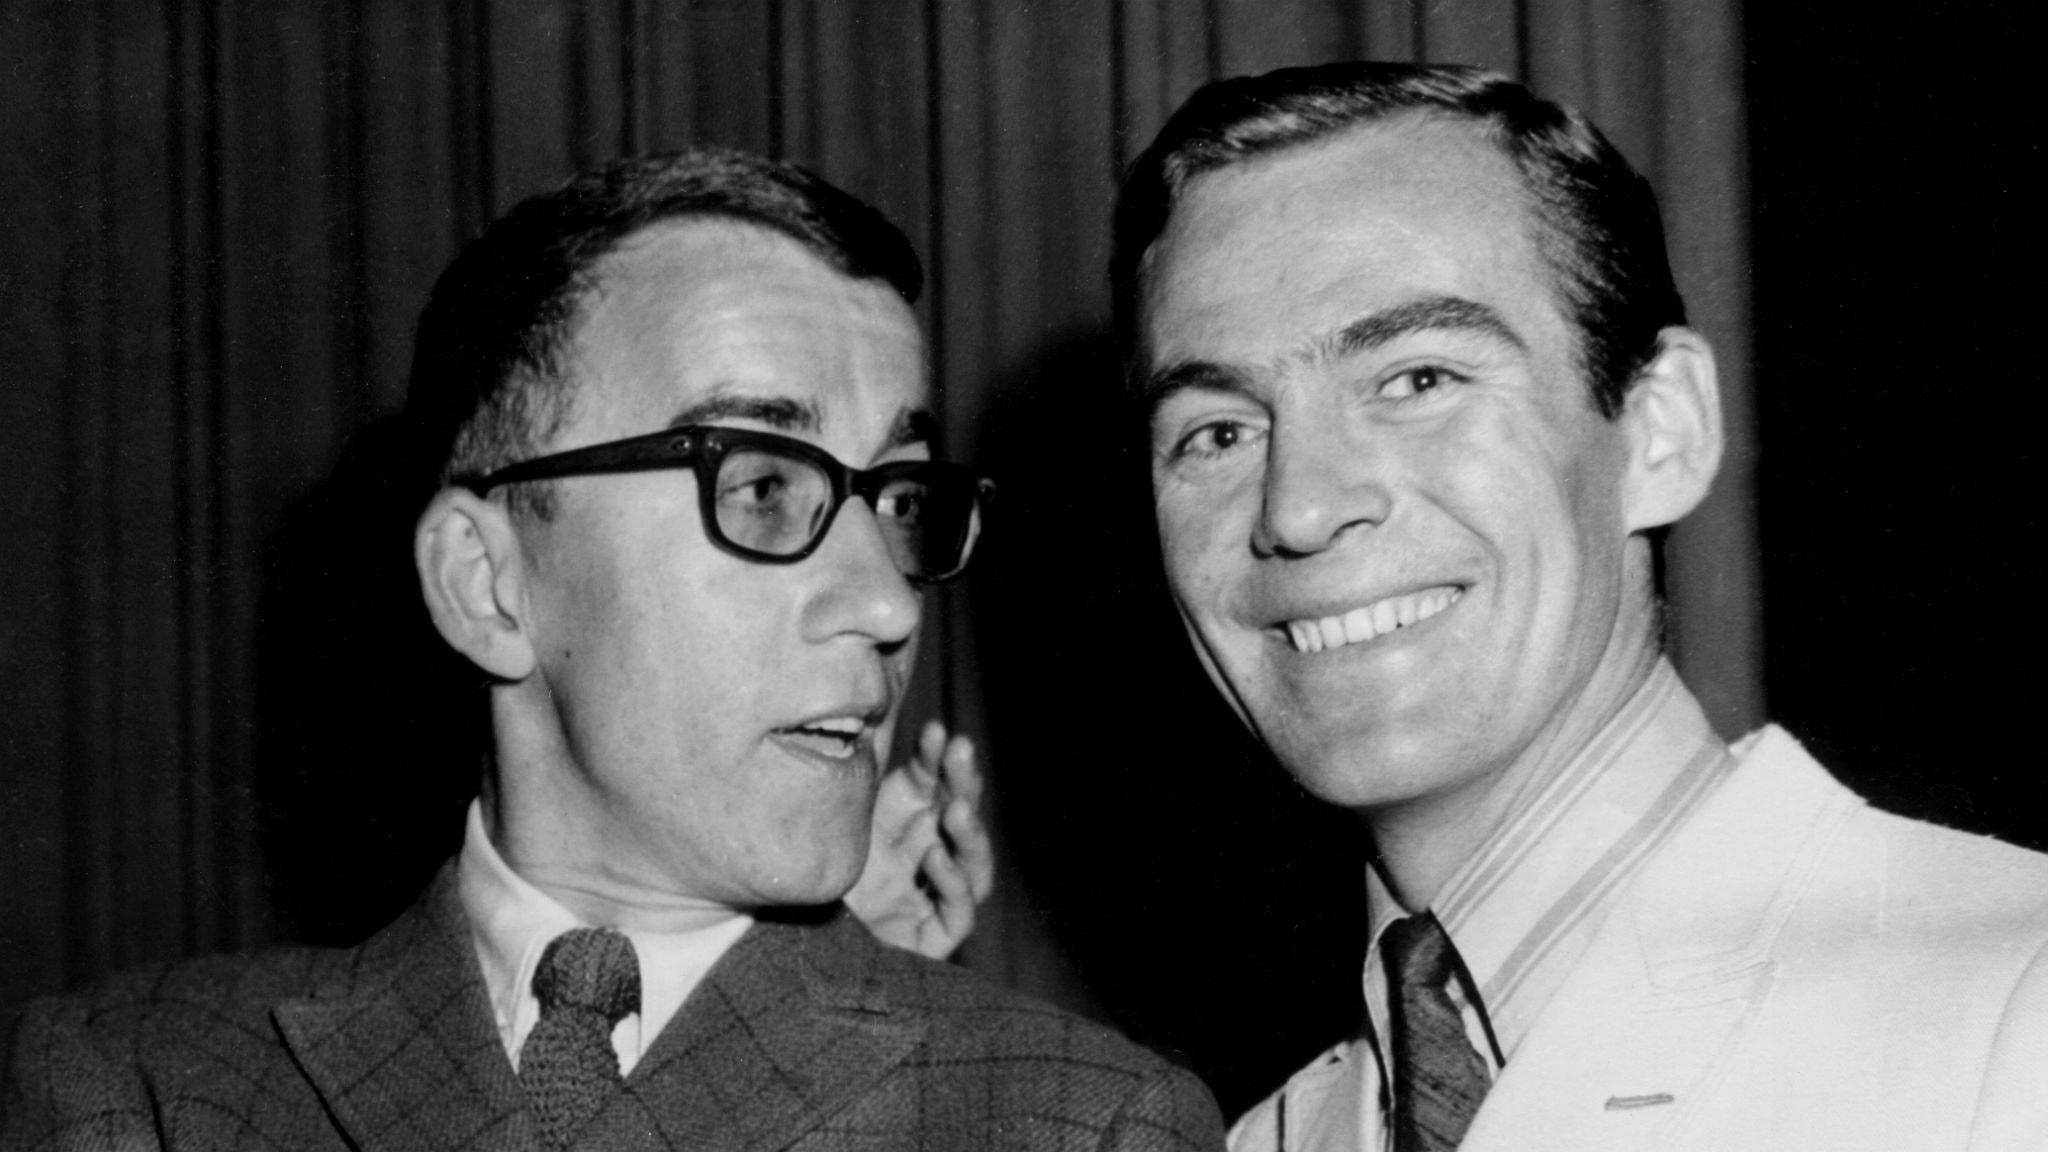 Gunnar Wiklund var tacksam och Östen Warnerbring sjöng om en tjej på Svensktoppen i maj 1966